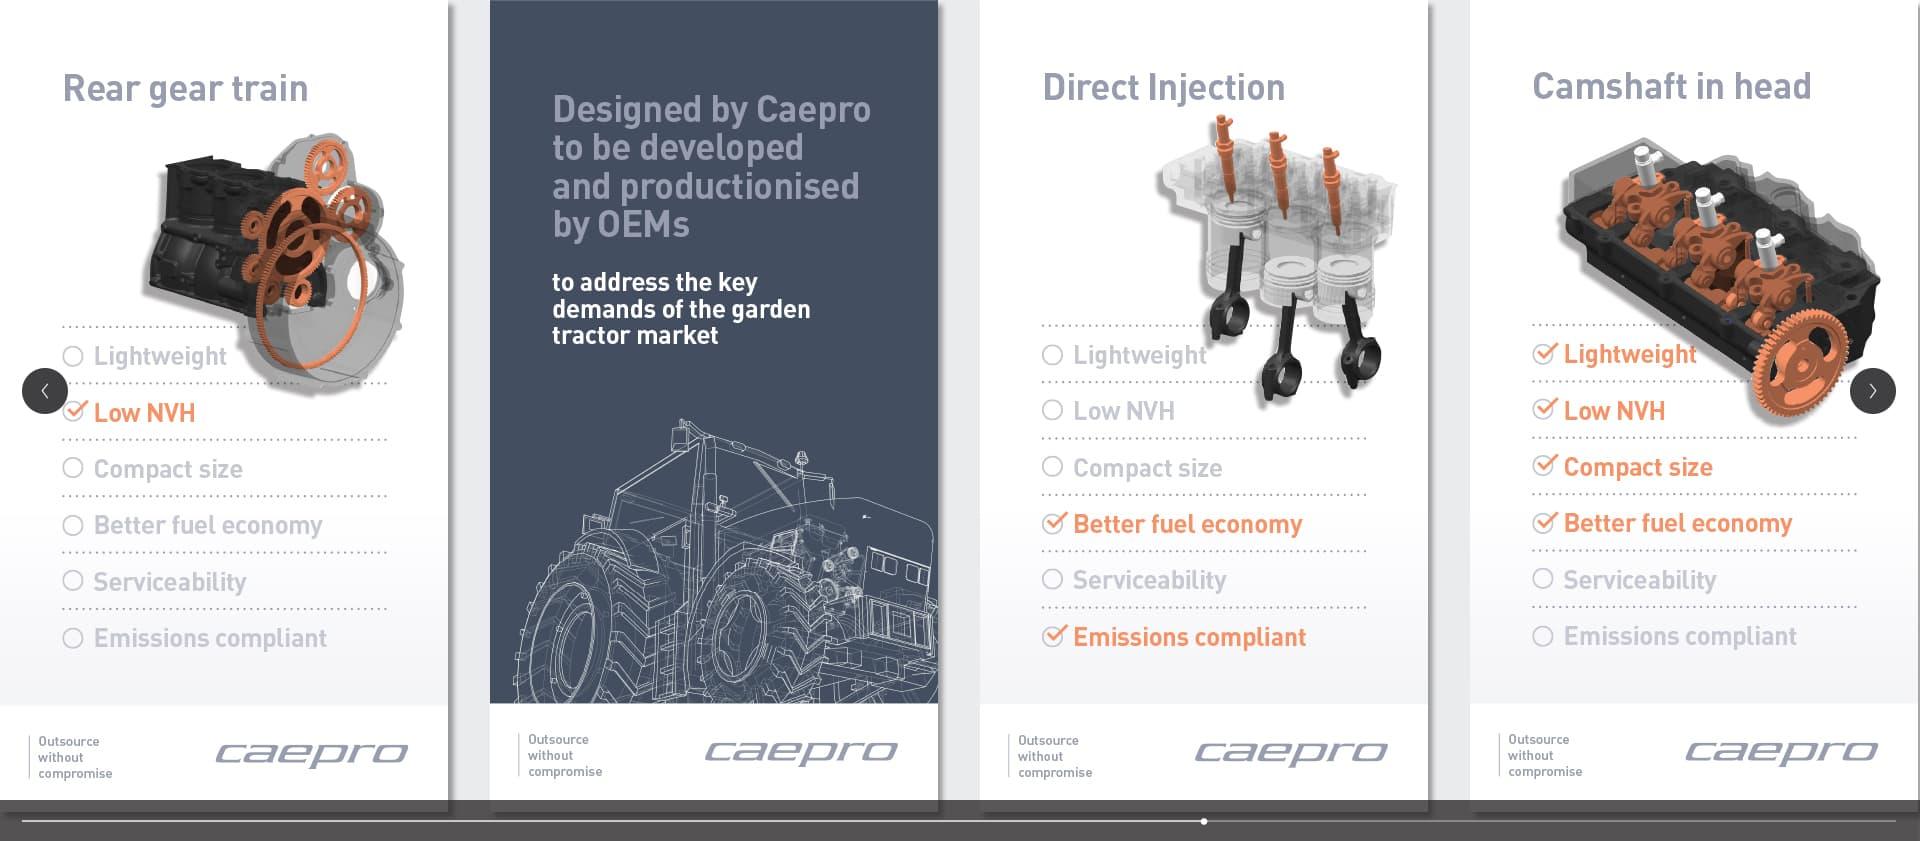 Caepro engine internals